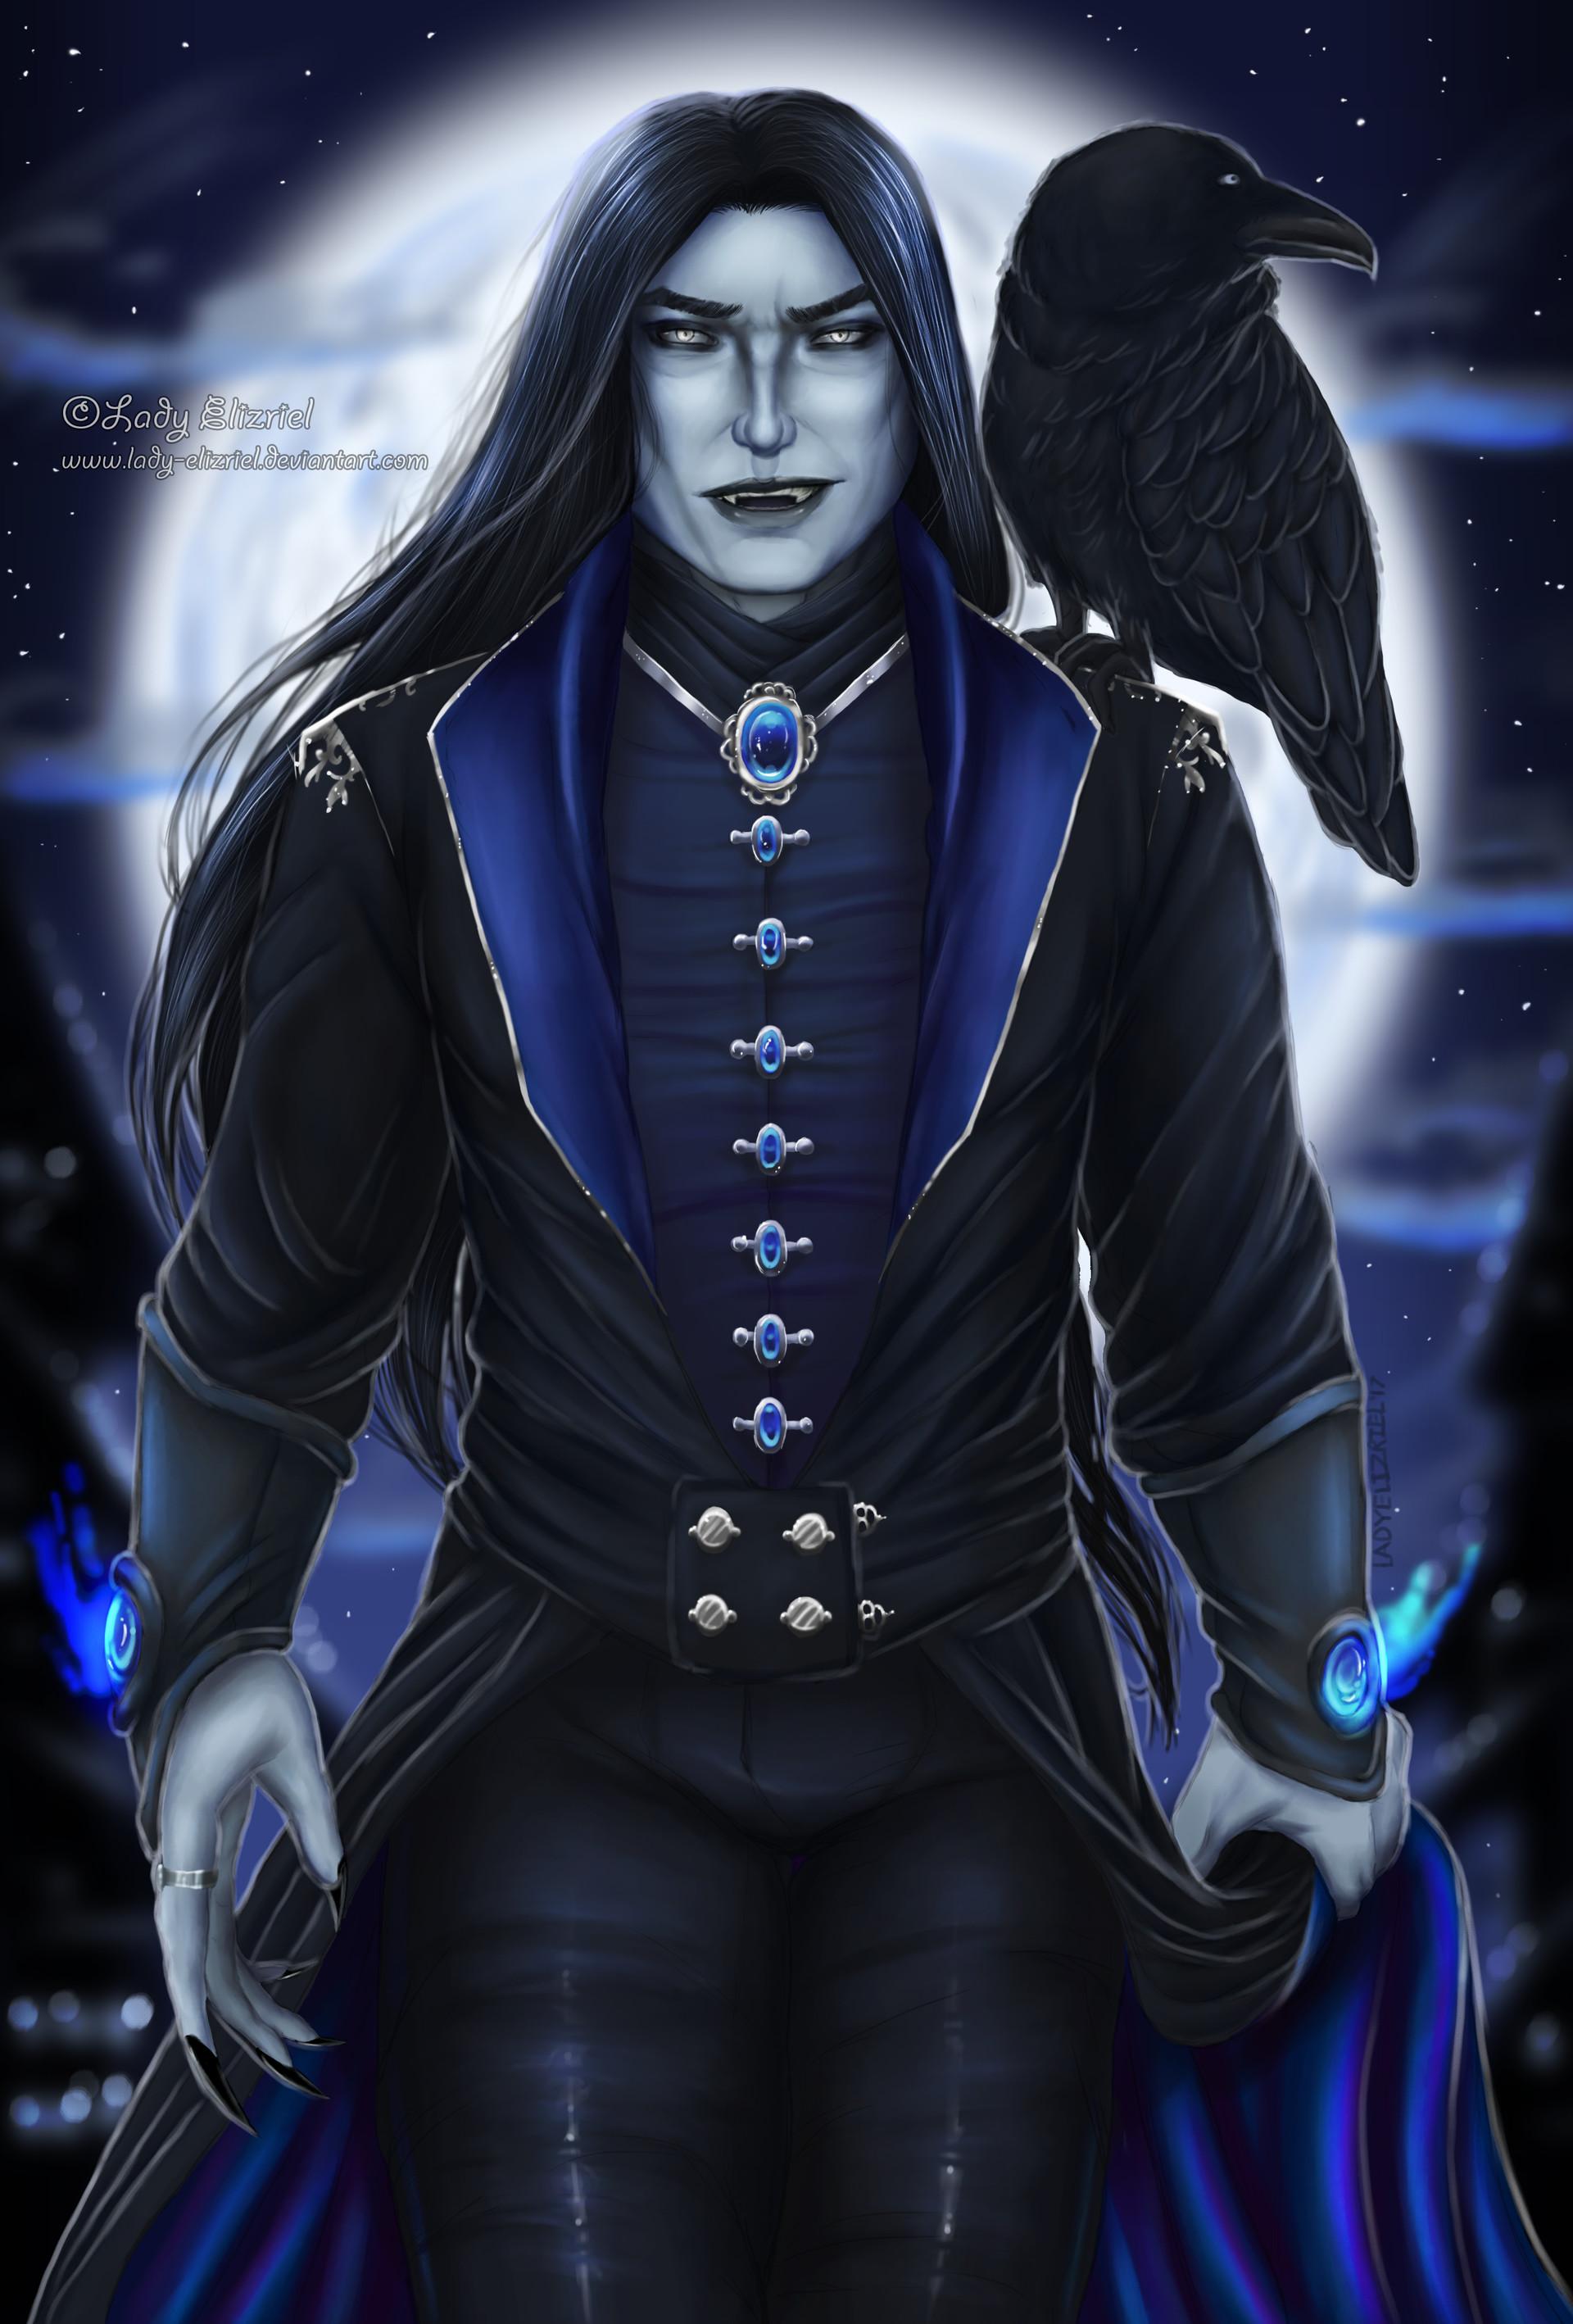 Lady Elizriel - Card #2: Lord Mathias Nightshade